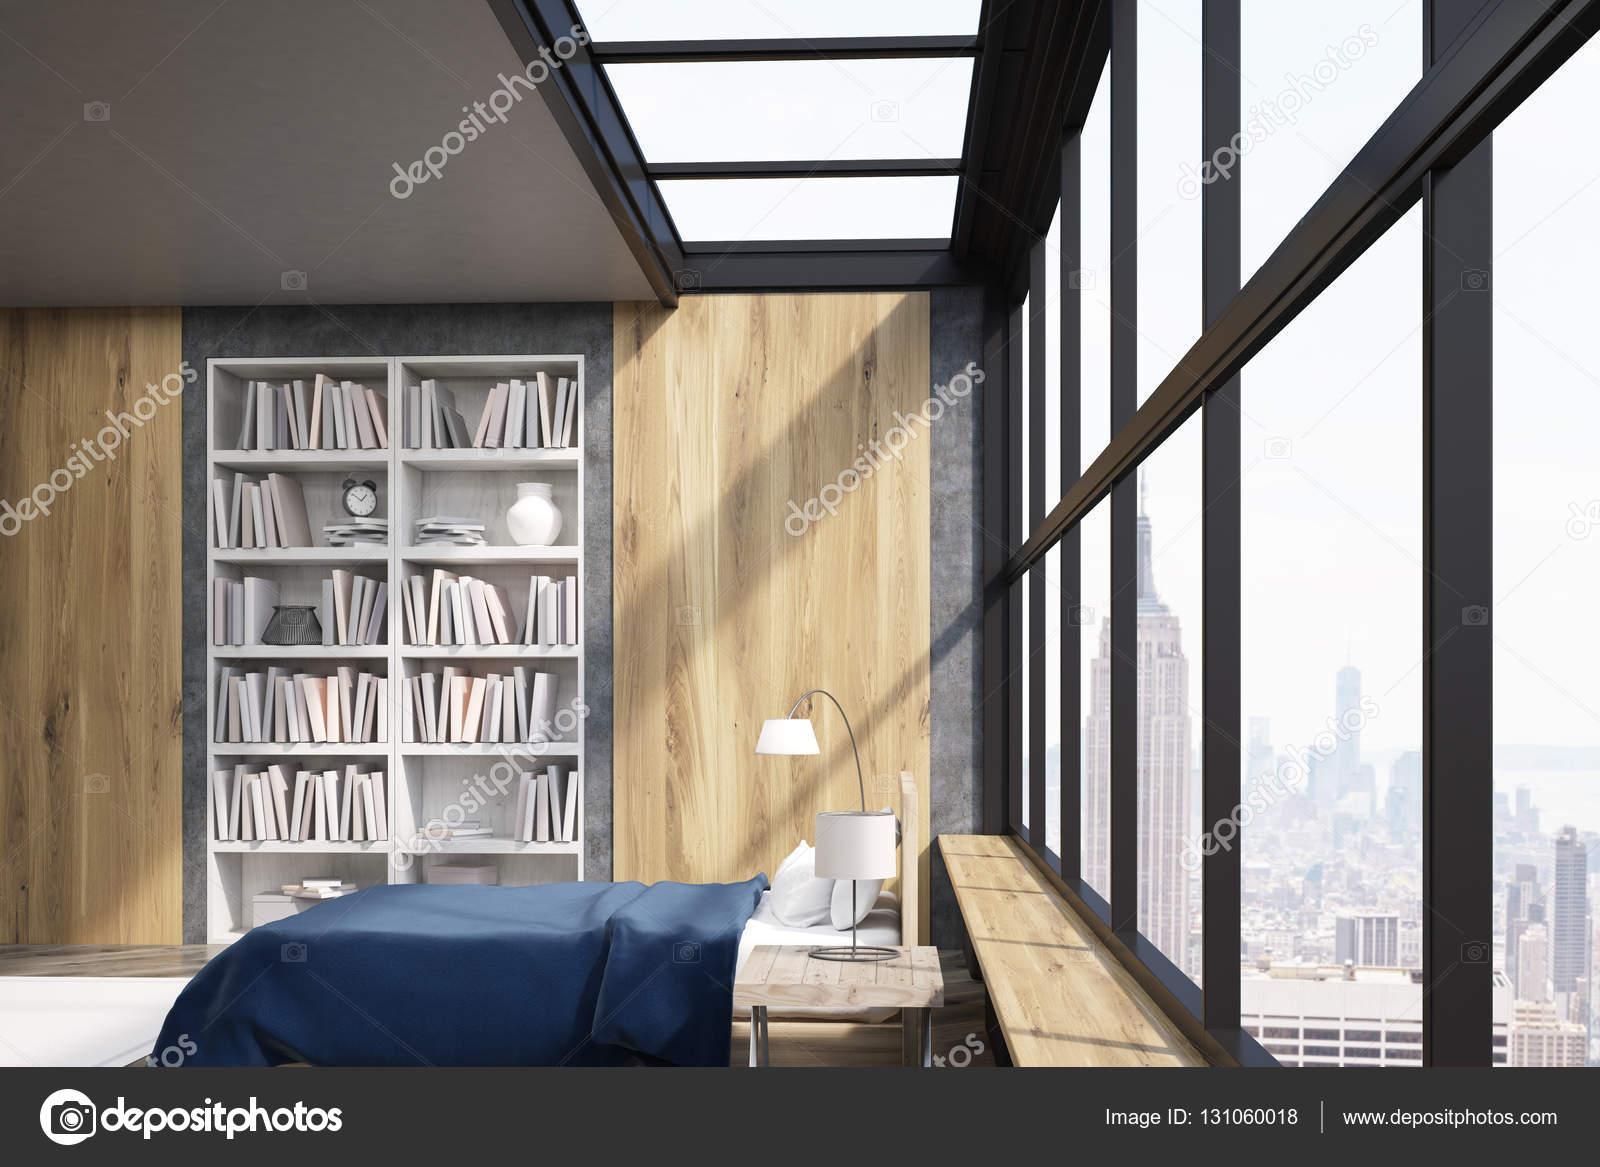 Slaapkamer New York : Zijaanzicht van new york slaapkamer met poster en boekenkast